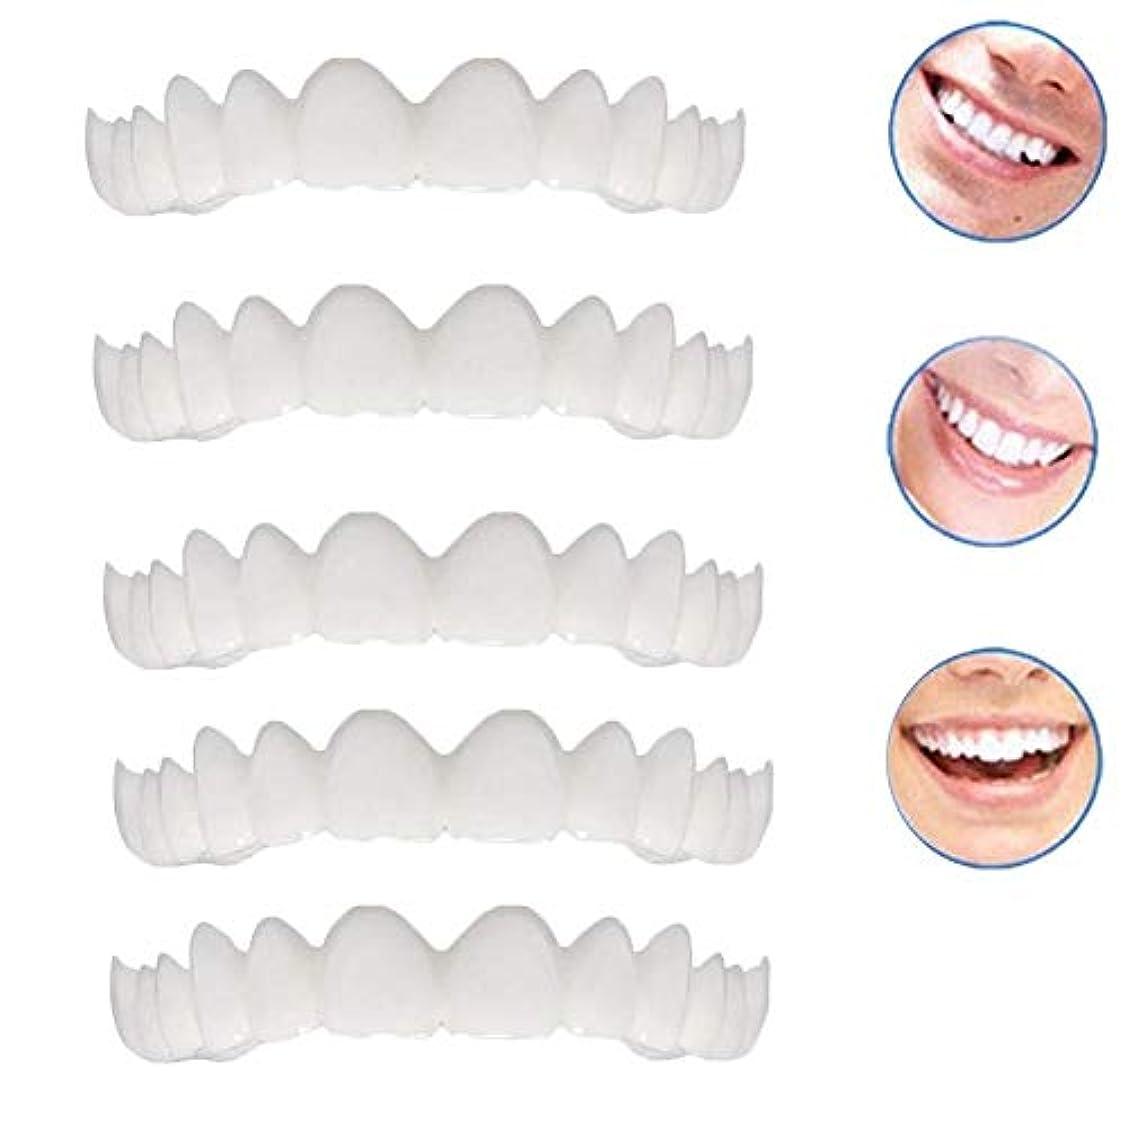 予備スプーン周術期2本の偽のベニヤ修正歯のトップホワイトニング化粧品義歯修正のための悪い歯のための新しいプロの笑顔のベニヤ